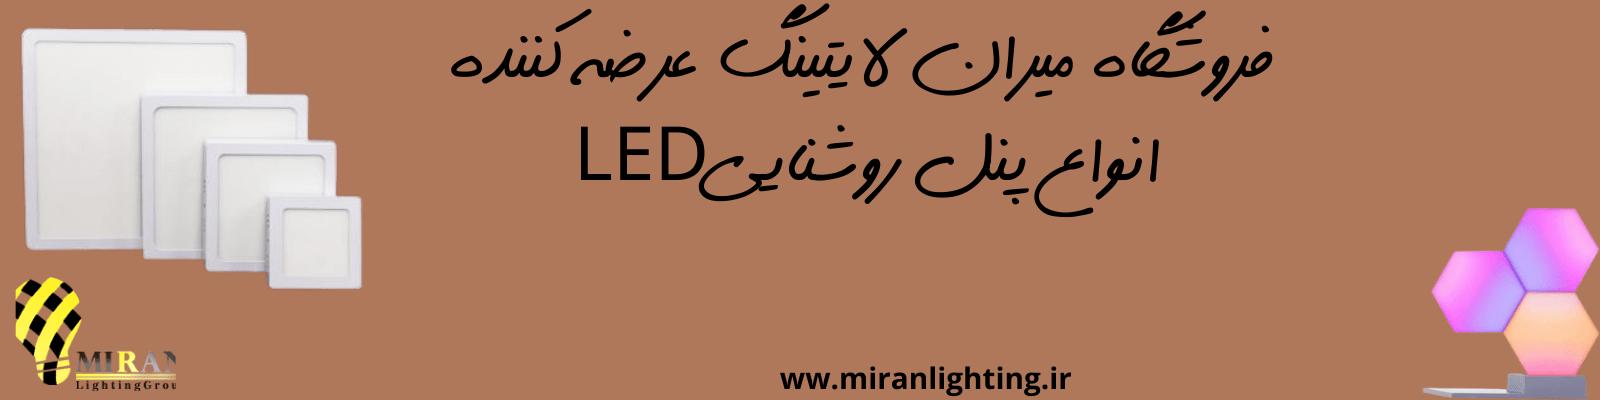 پنل روشنایی led